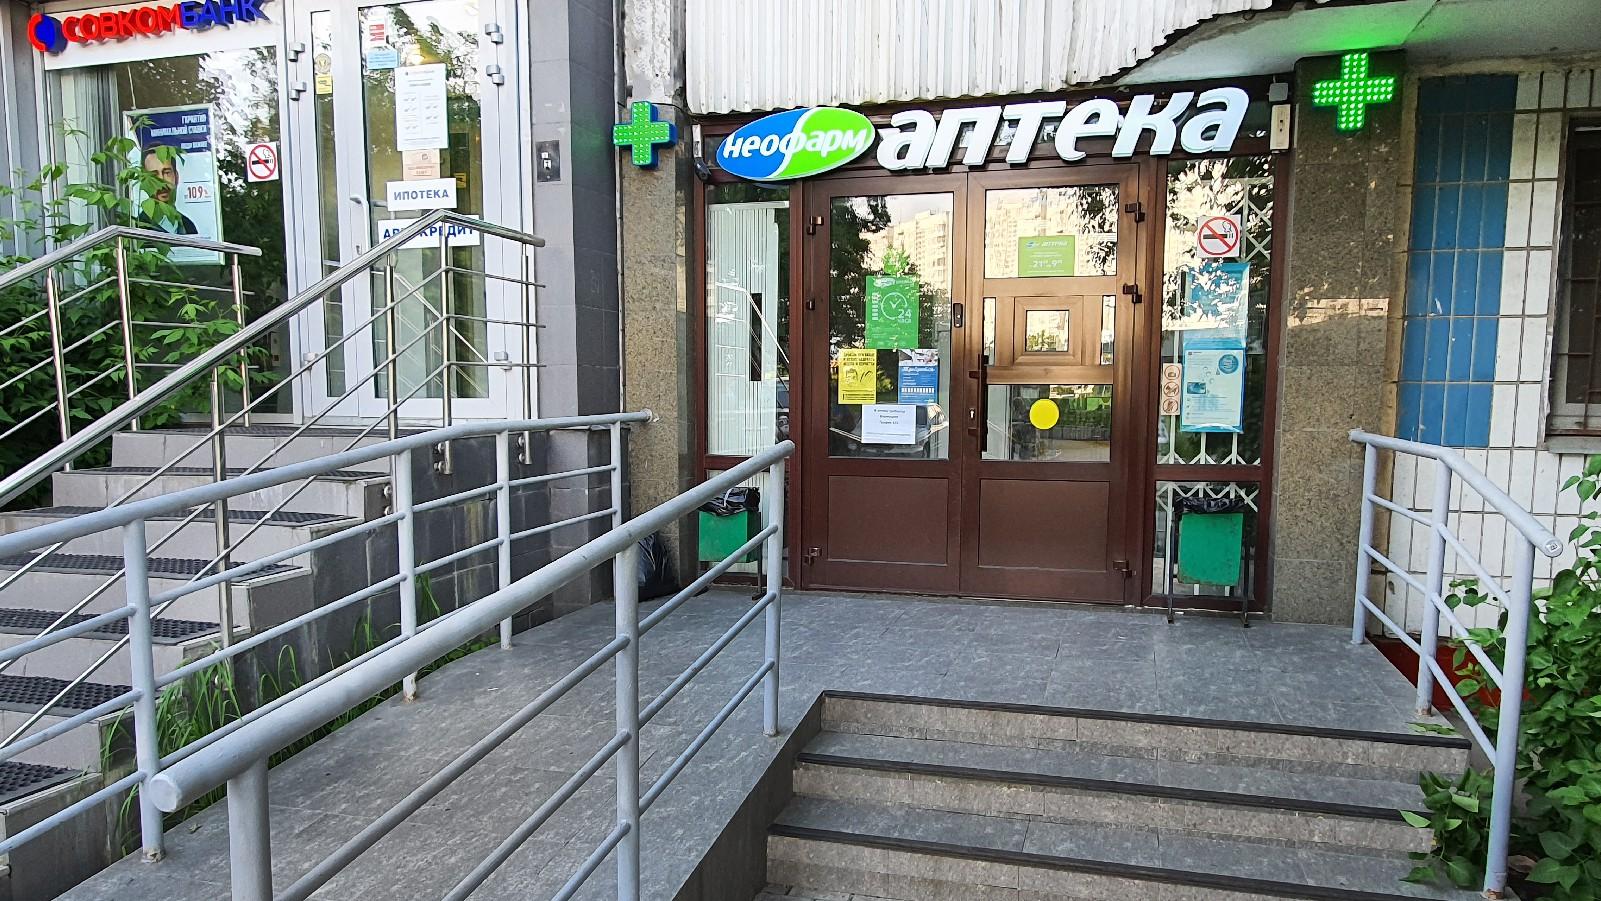 https://f.stolichki.ru/n/stores/77057-1.jpg